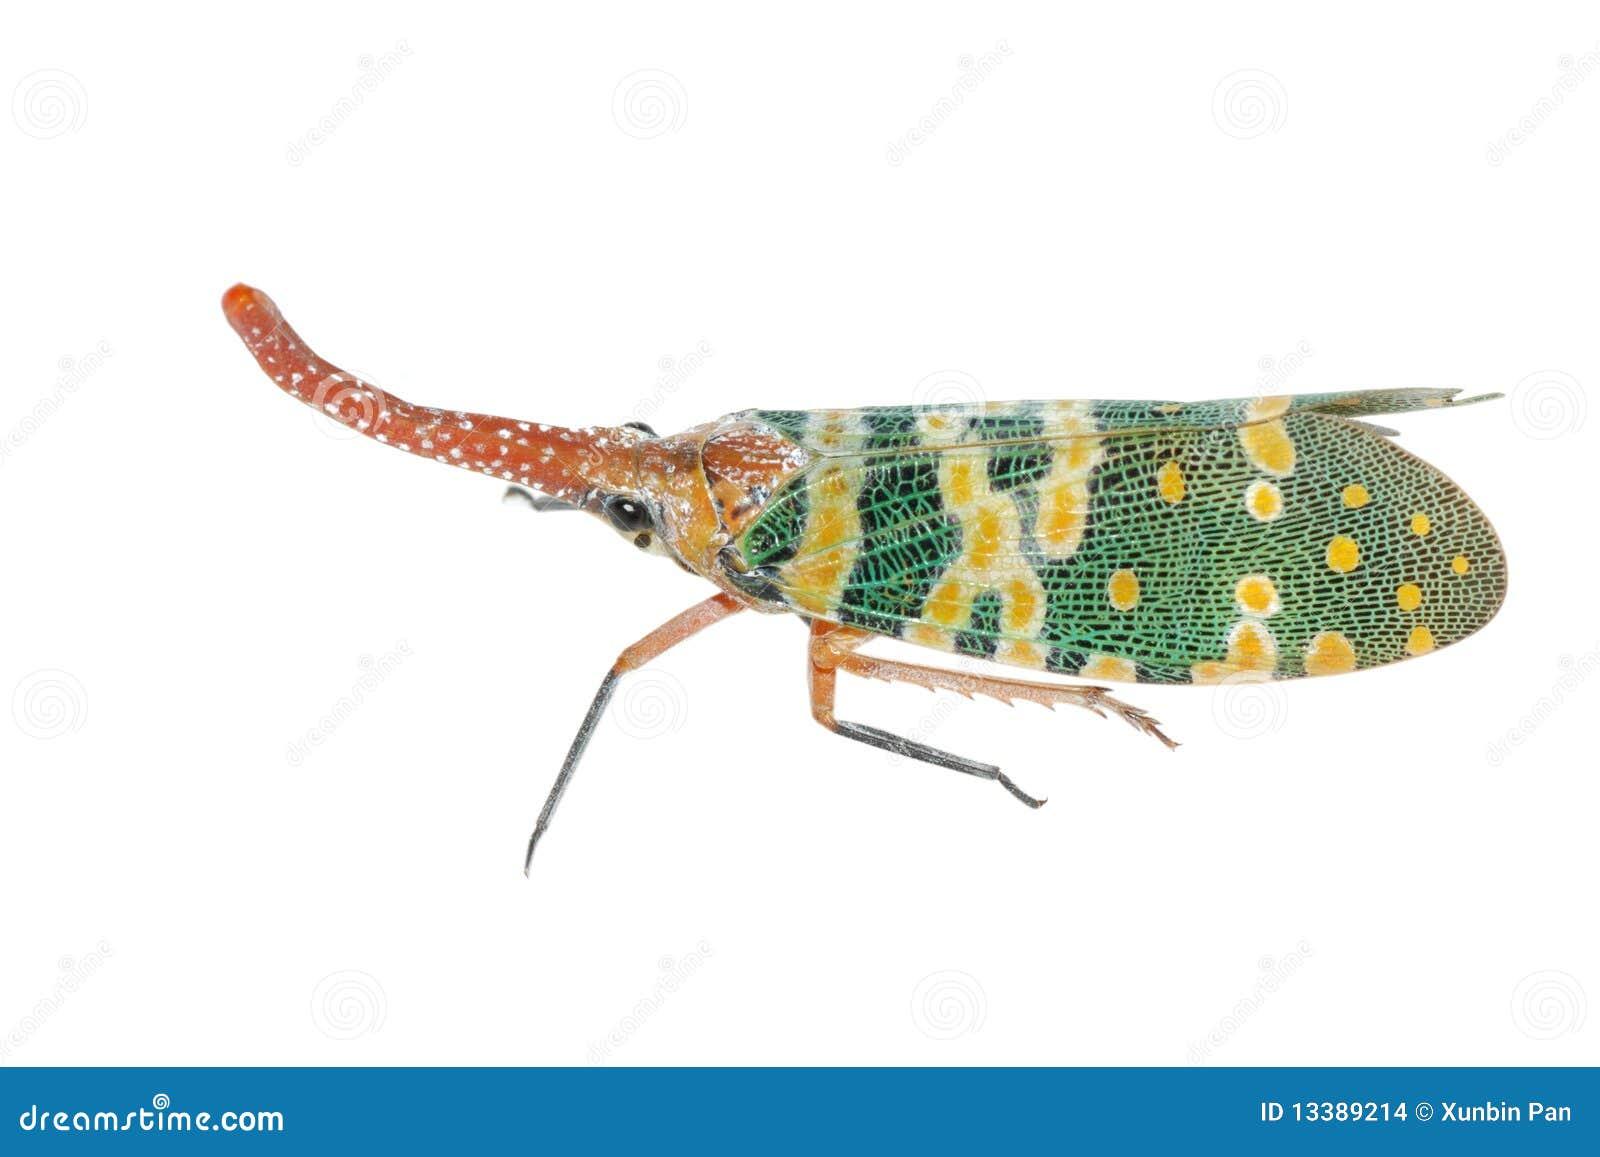 Lantern fly sting bug stock photo. Image of grey, building ... - photo#35